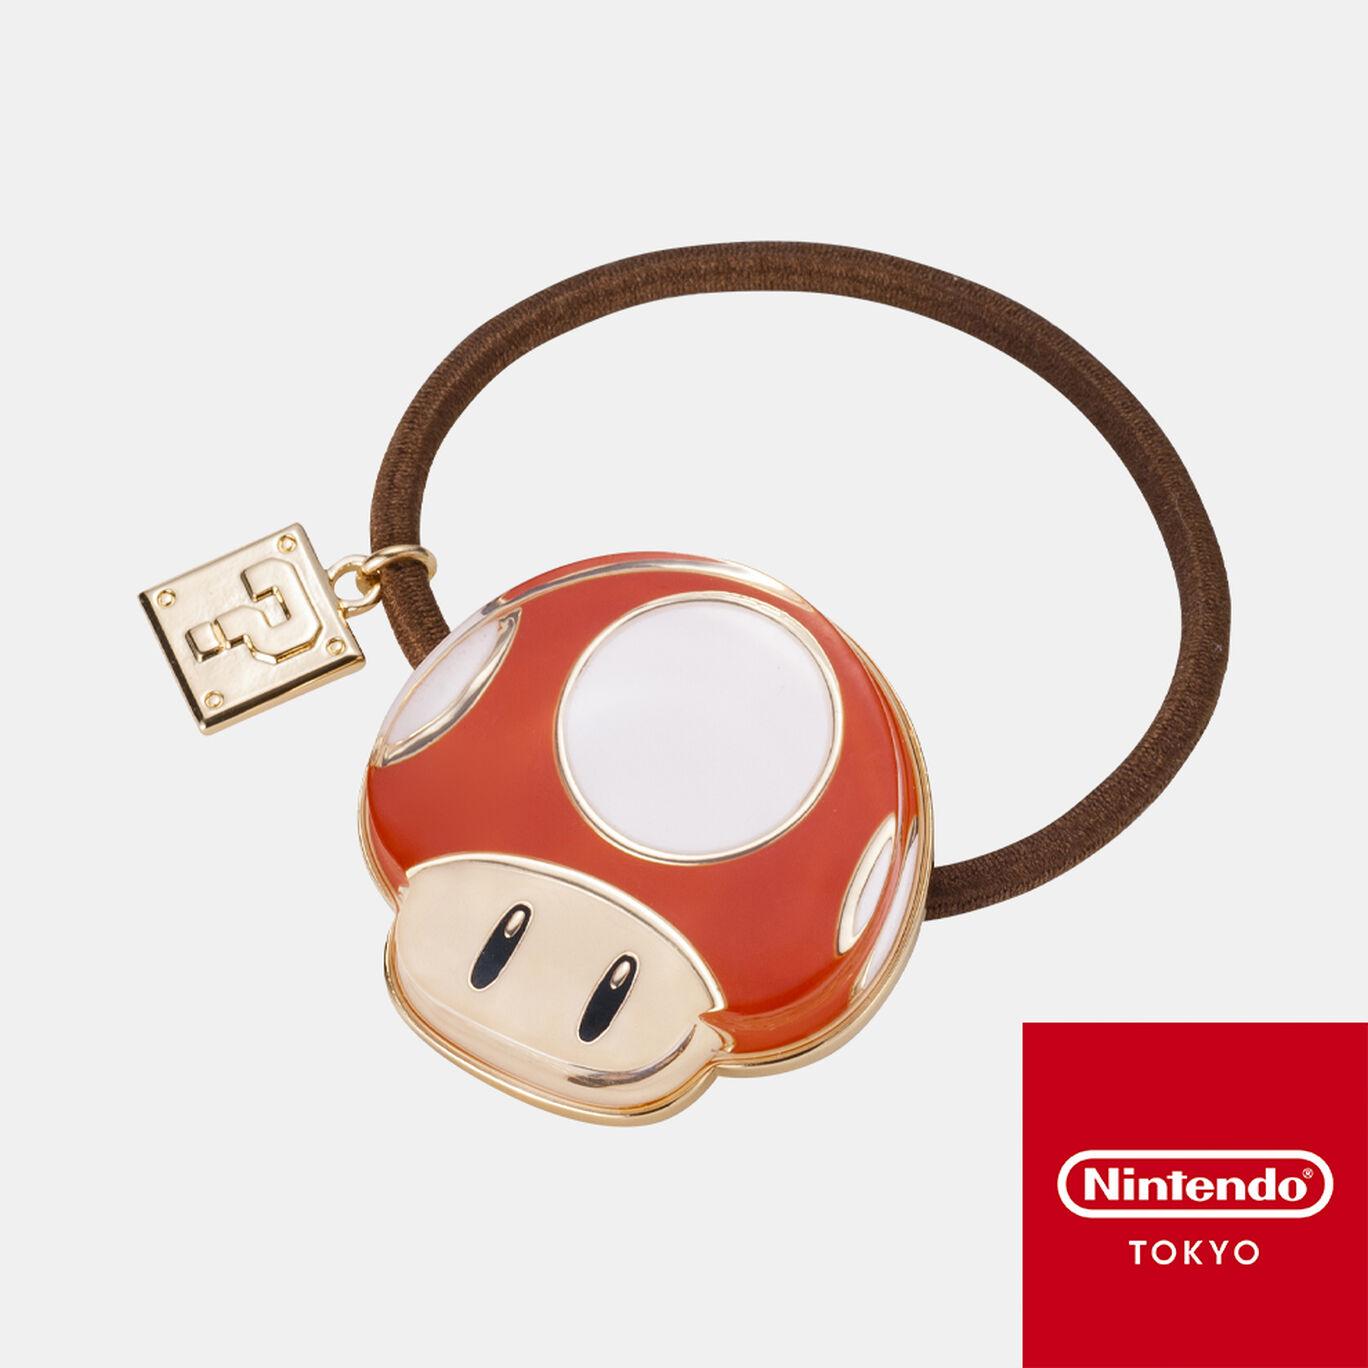 ヘアゴム スーパーマリオ A【Nintendo TOKYO取り扱い商品】